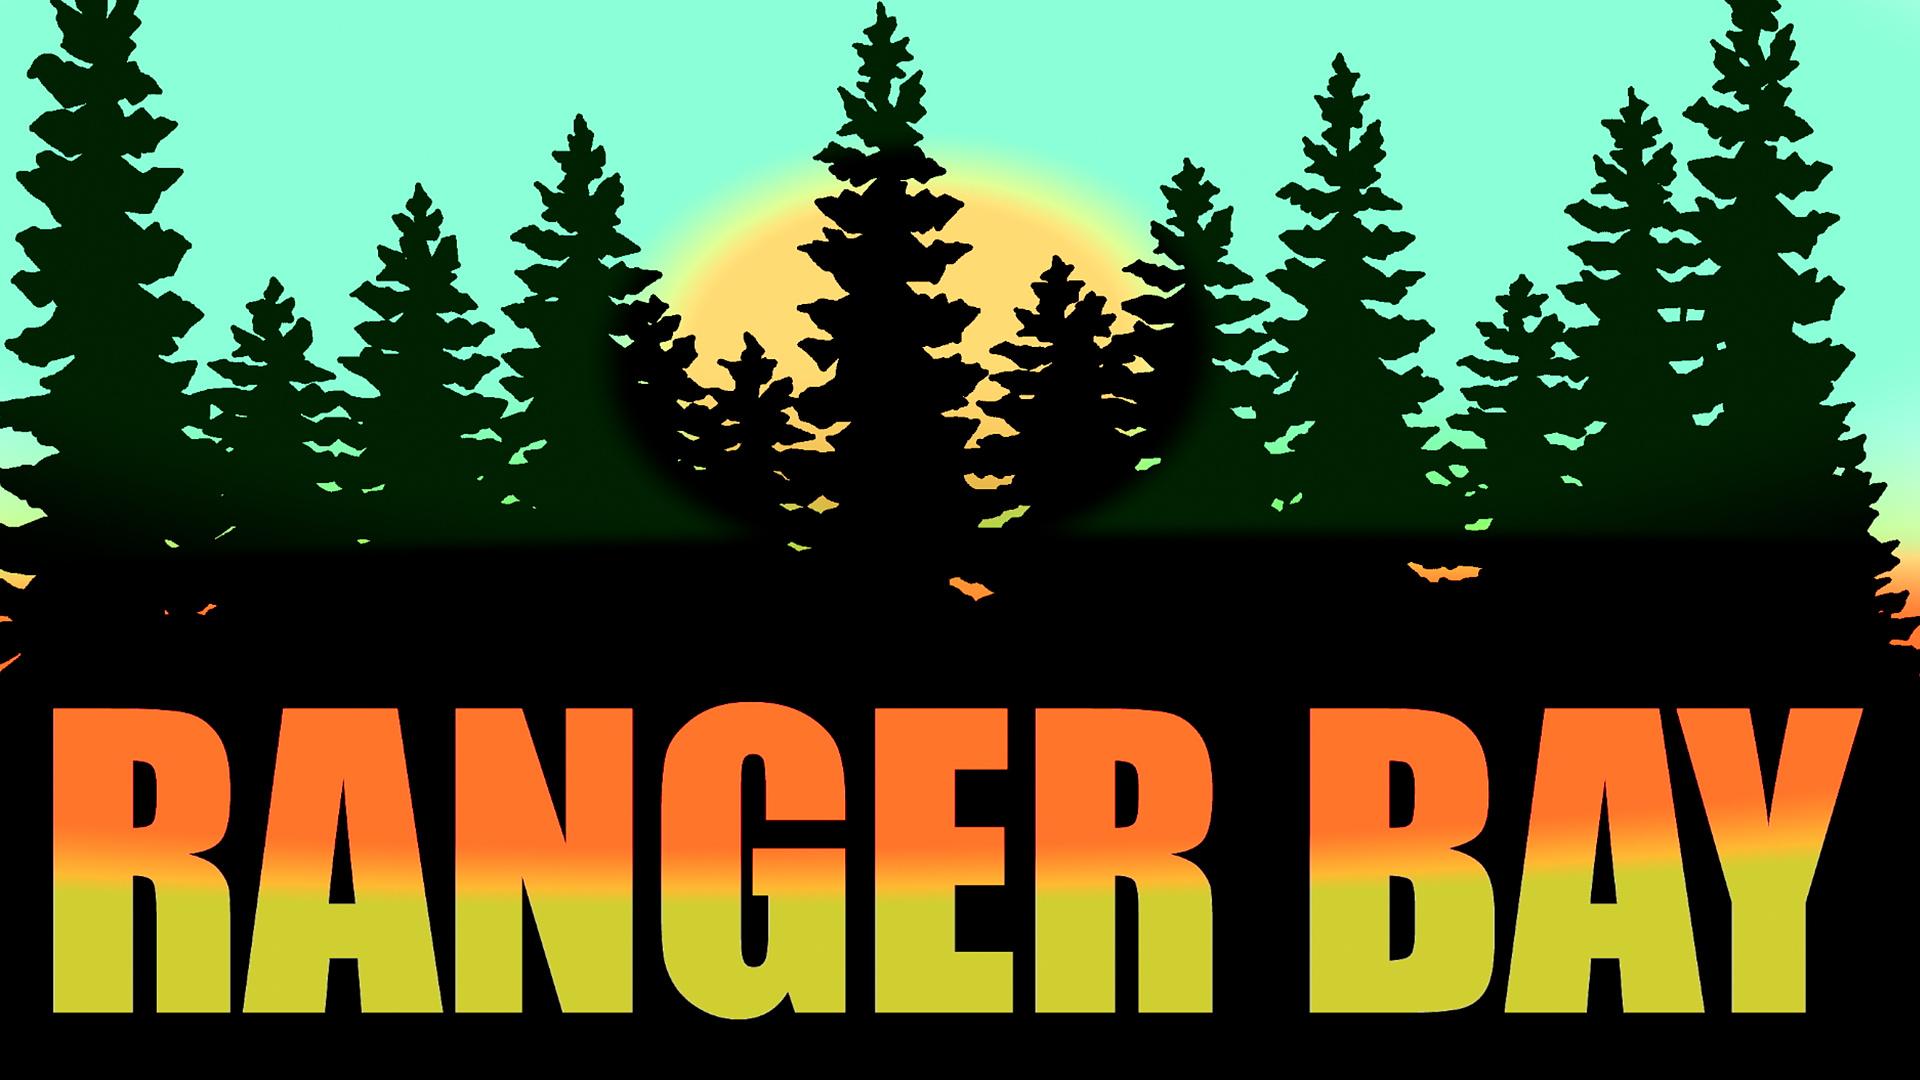 Ranger Bay